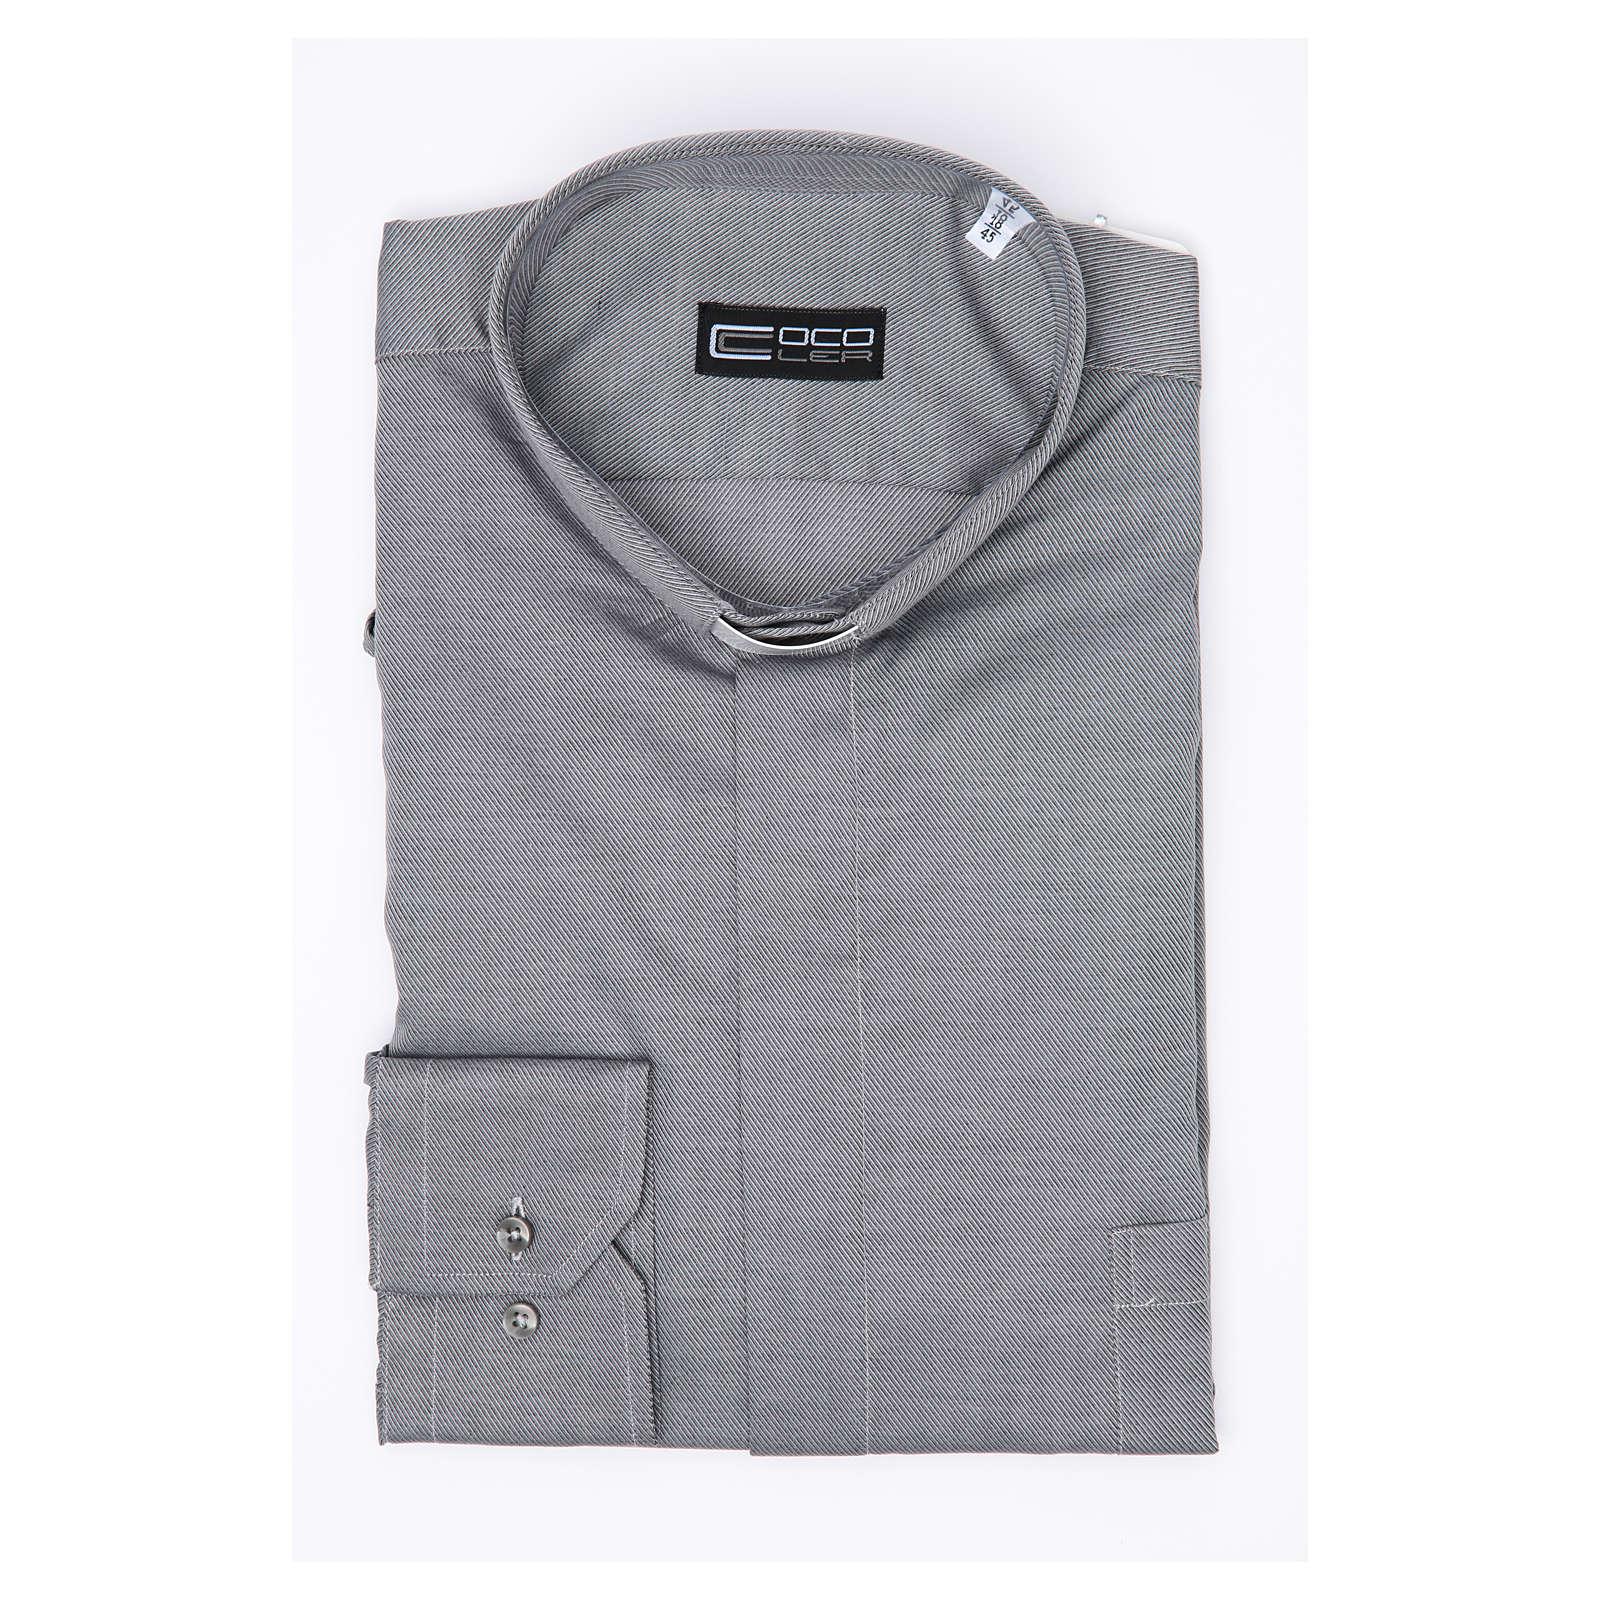 Camisa Clergy Manga Larga Planchado Facil Diagonal Mixto Algodón Gris 4